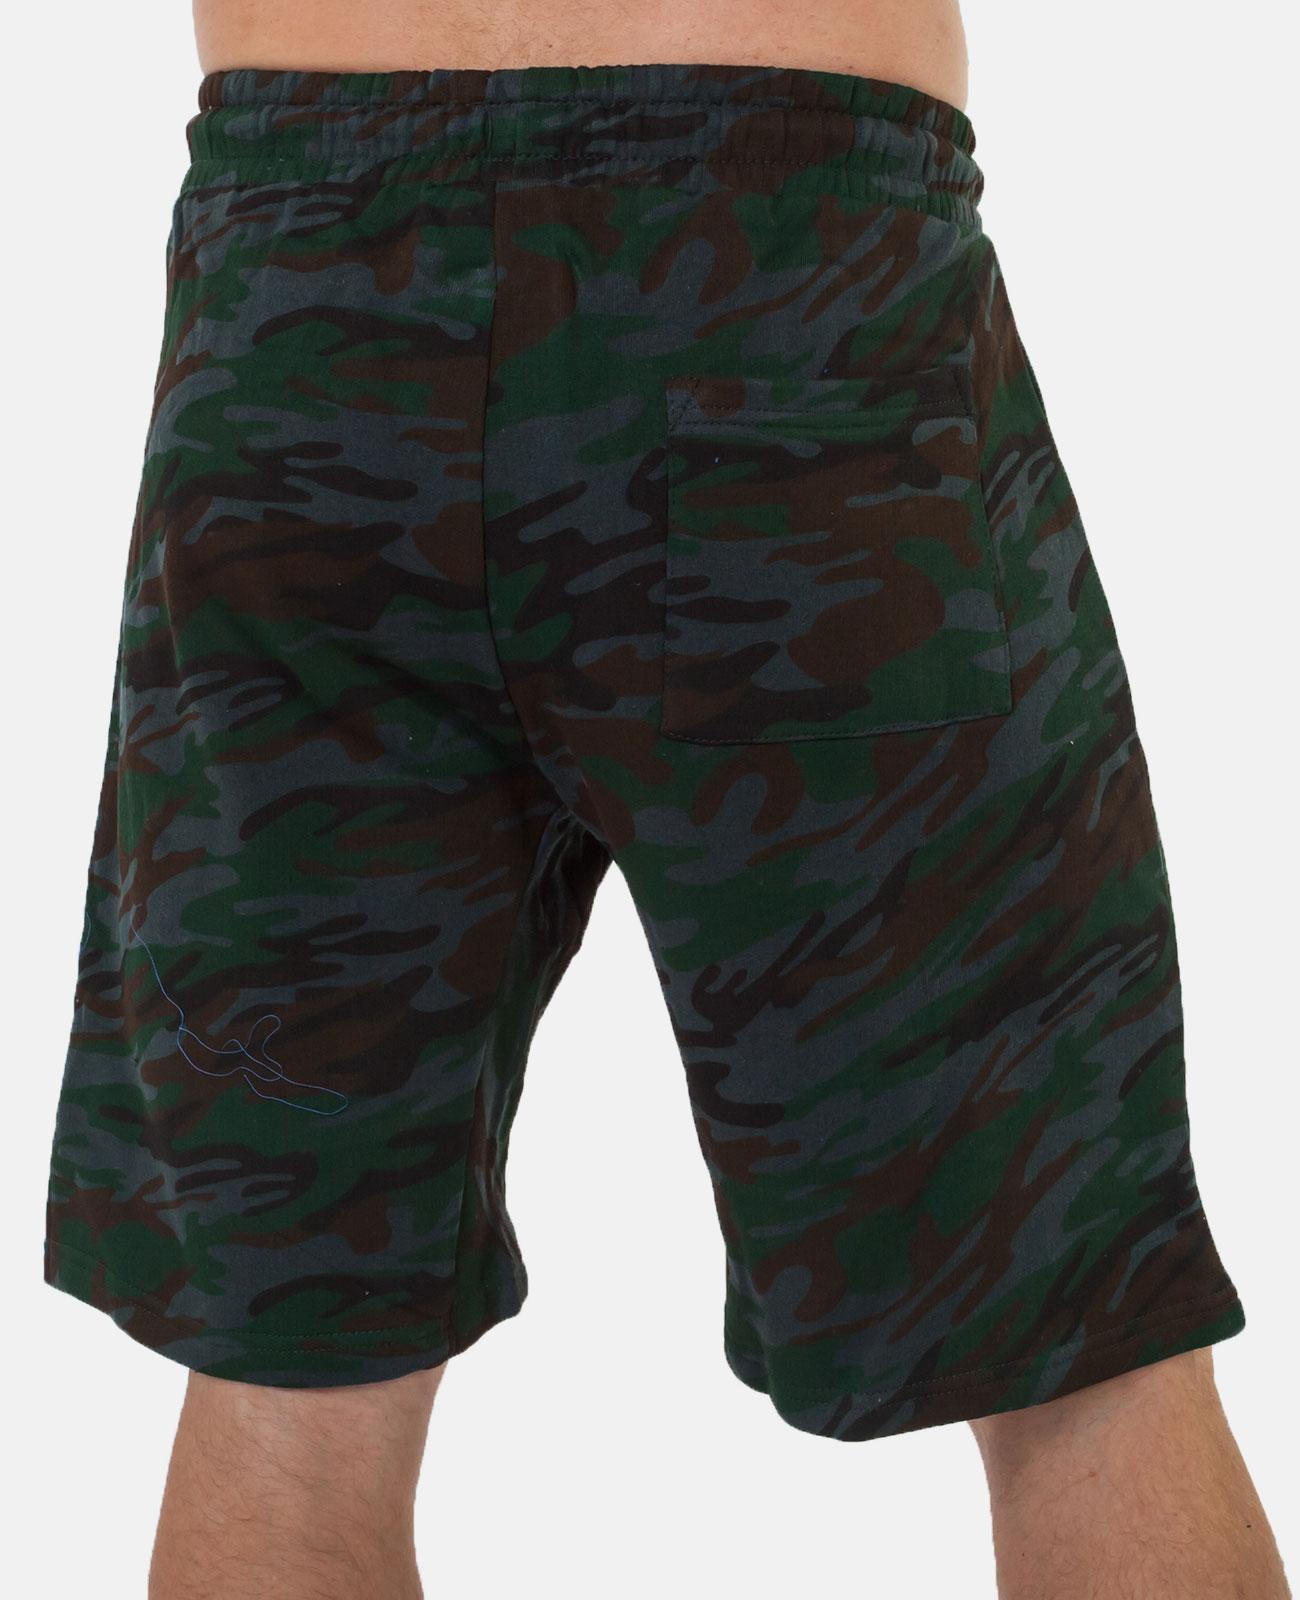 Стильные мужские шорты с эмблемой Погранслужбы купить оптом